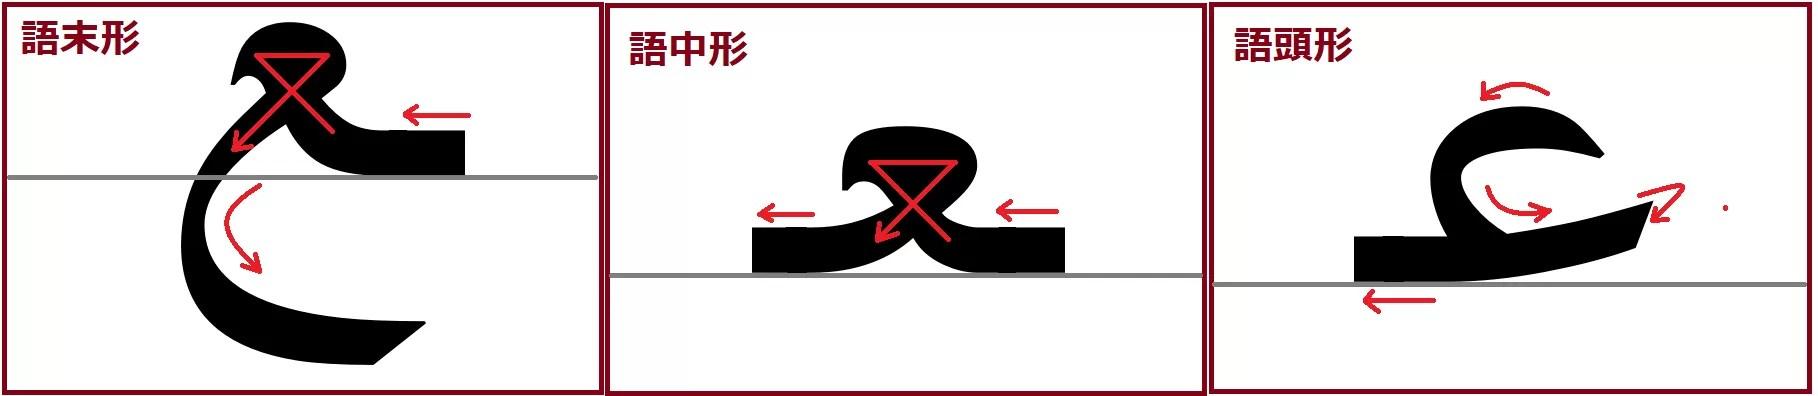 アイン語頭、語中、語末形